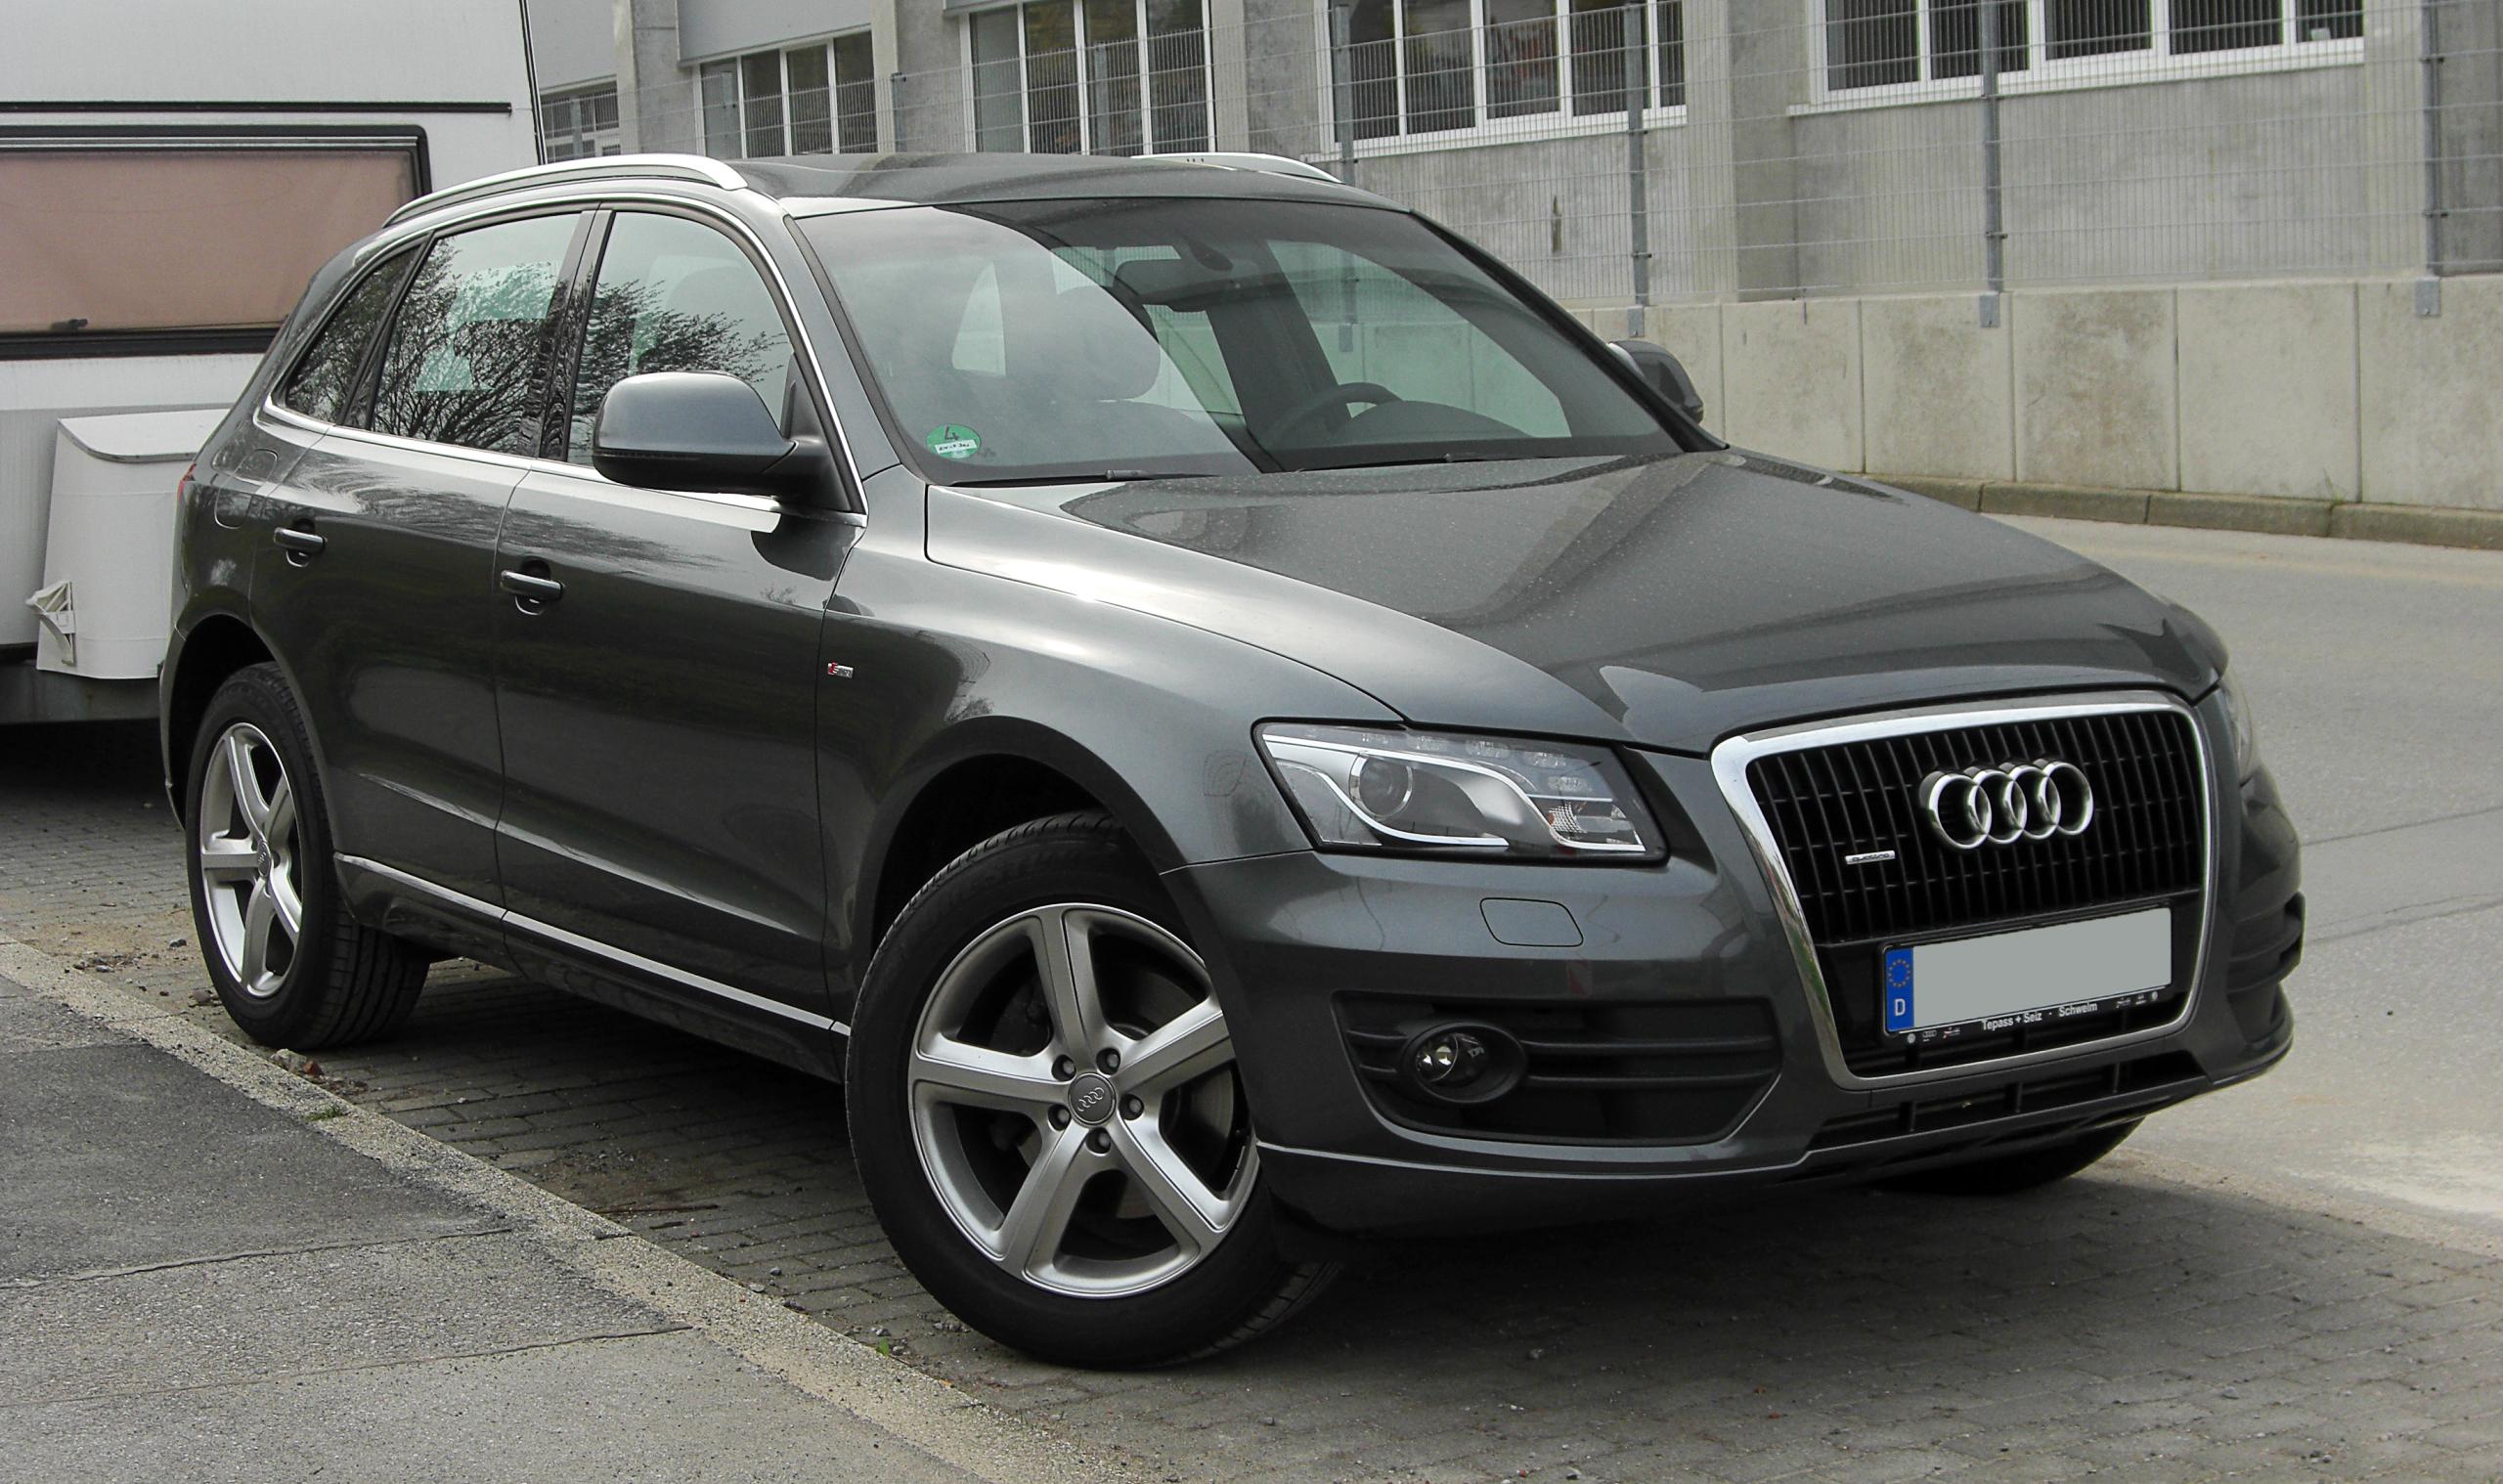 File:Audi Q5 quattro S-line – Frontansicht, 3. April 2011, Wülfrath ...